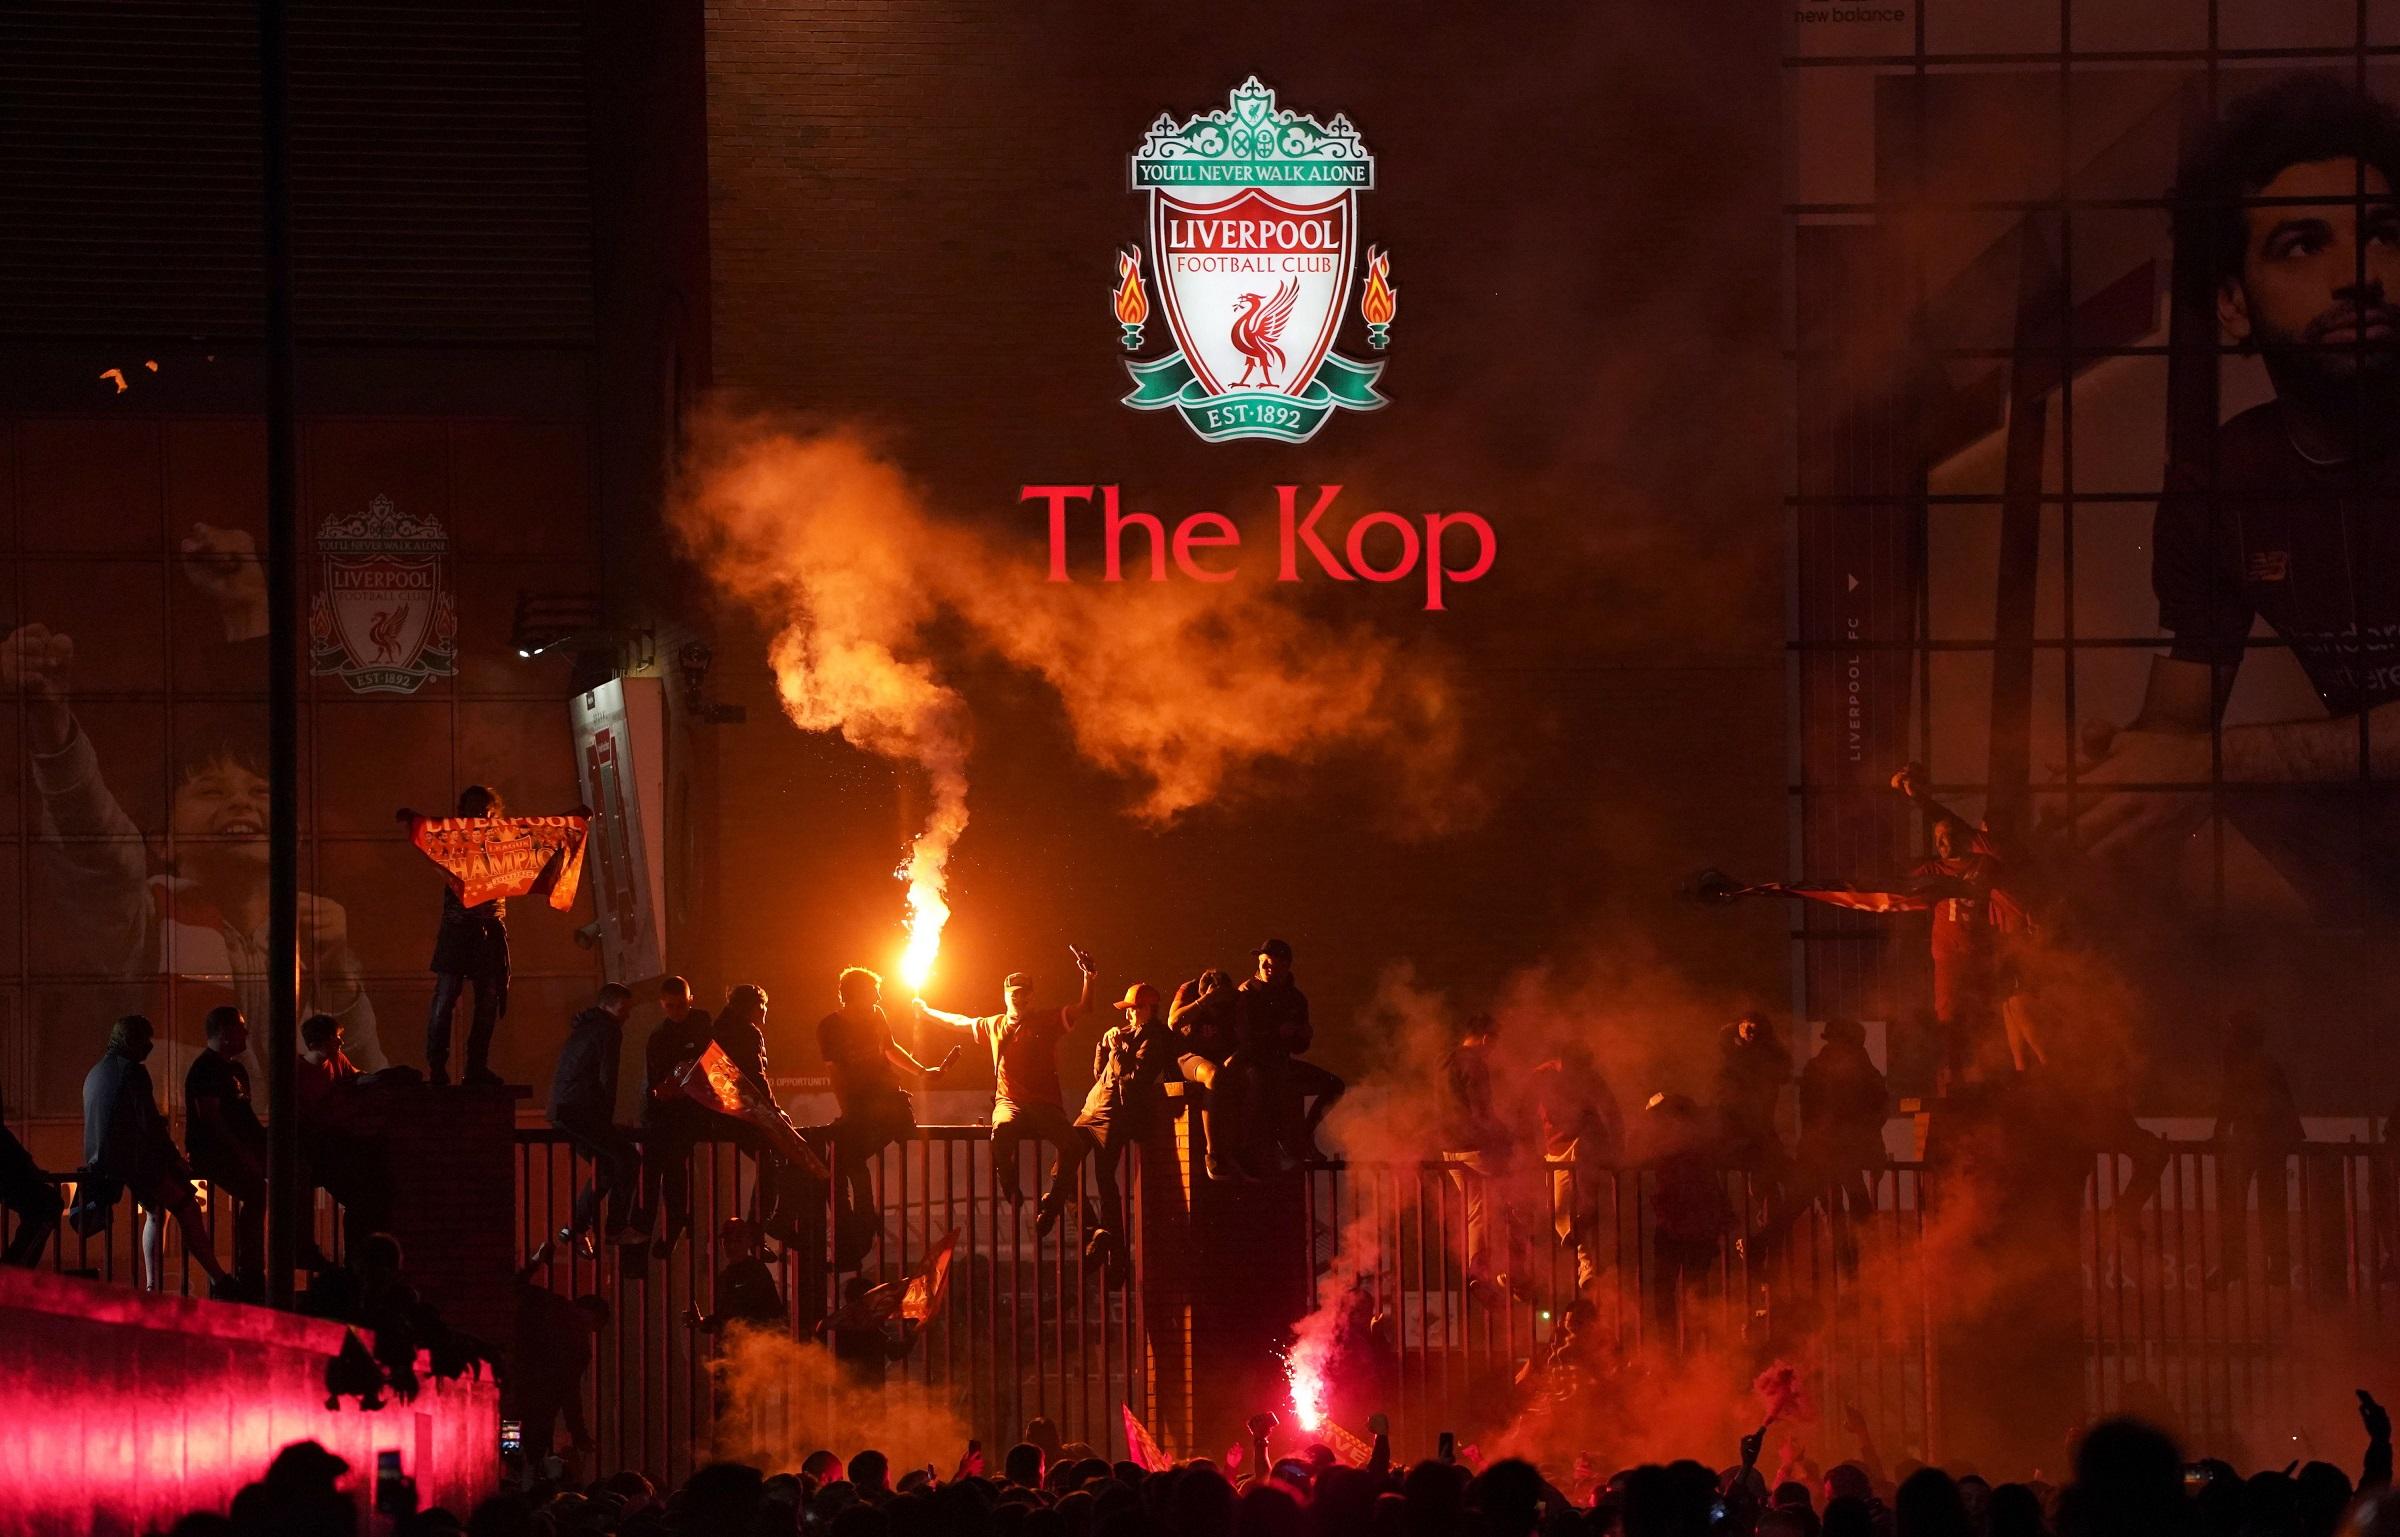 Las mejores imágenes de un esperado título: Locura en Liverpool 1